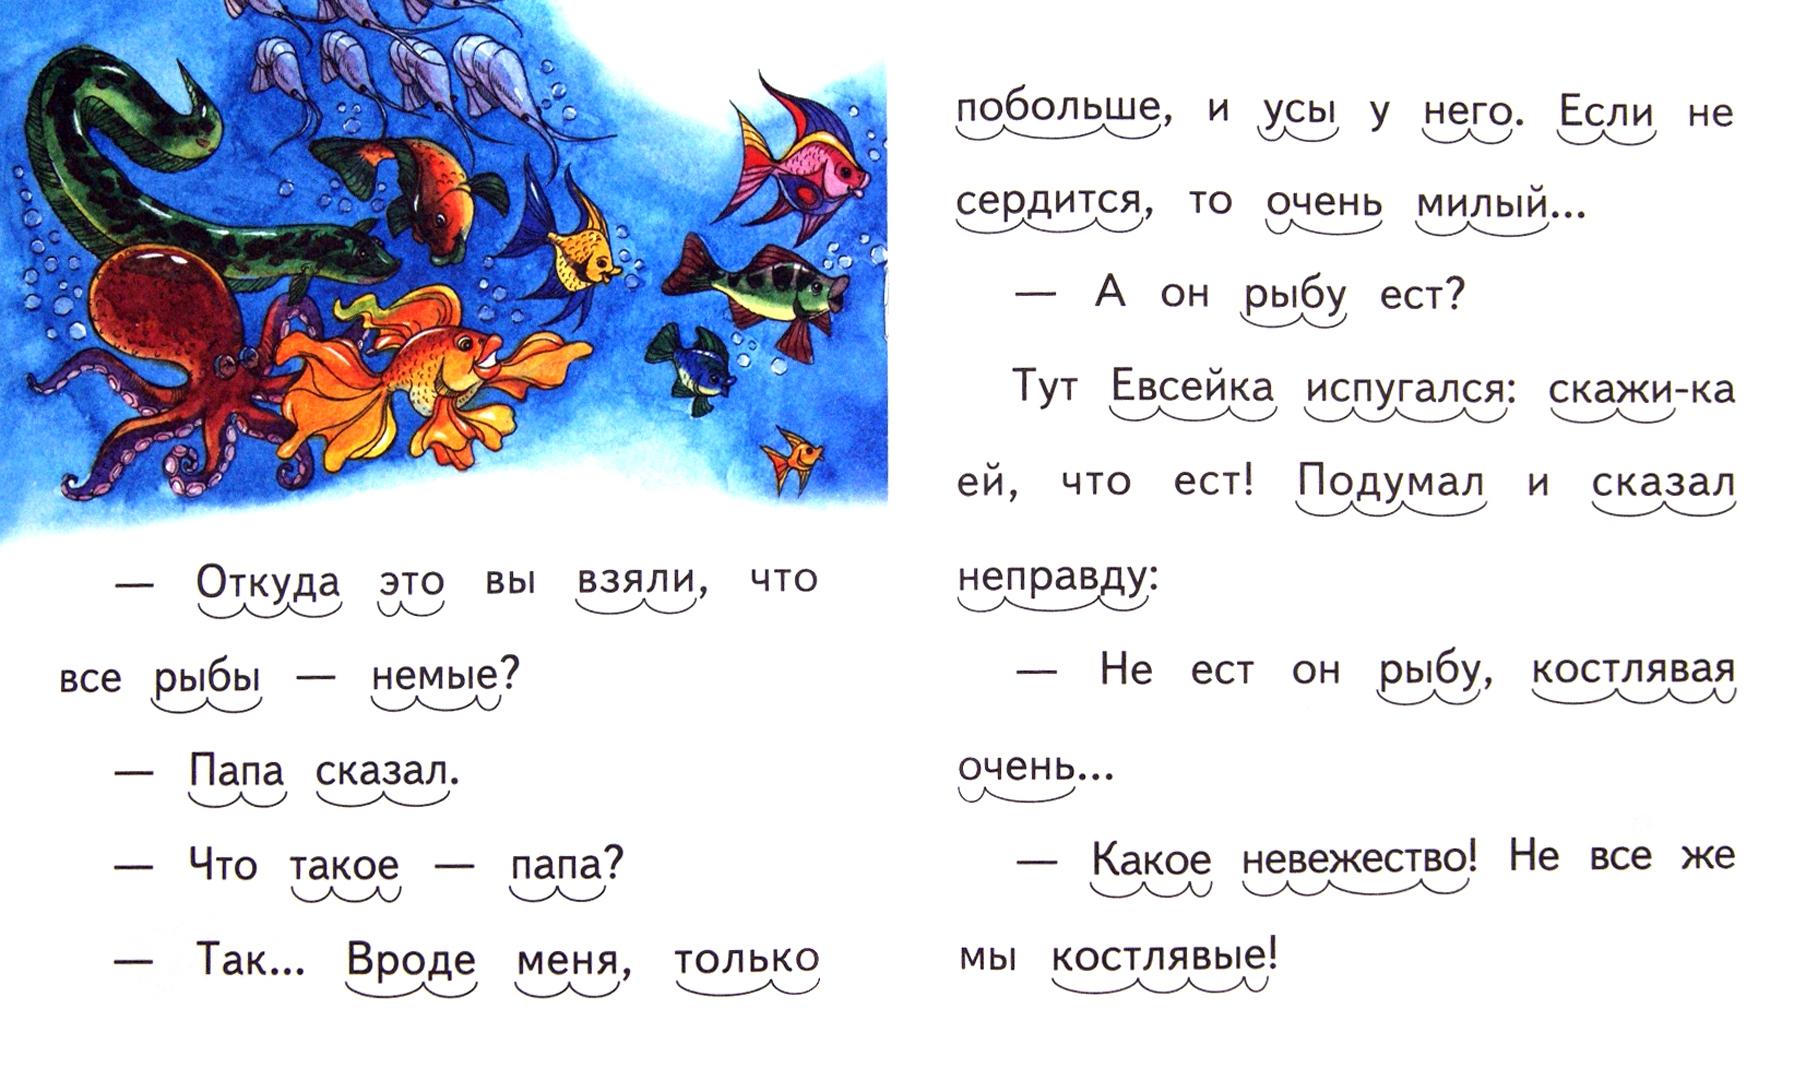 Иллюстрация 1 из 25 для Случай с Евсейкой - Максим Горький | Лабиринт - книги. Источник: Лабиринт